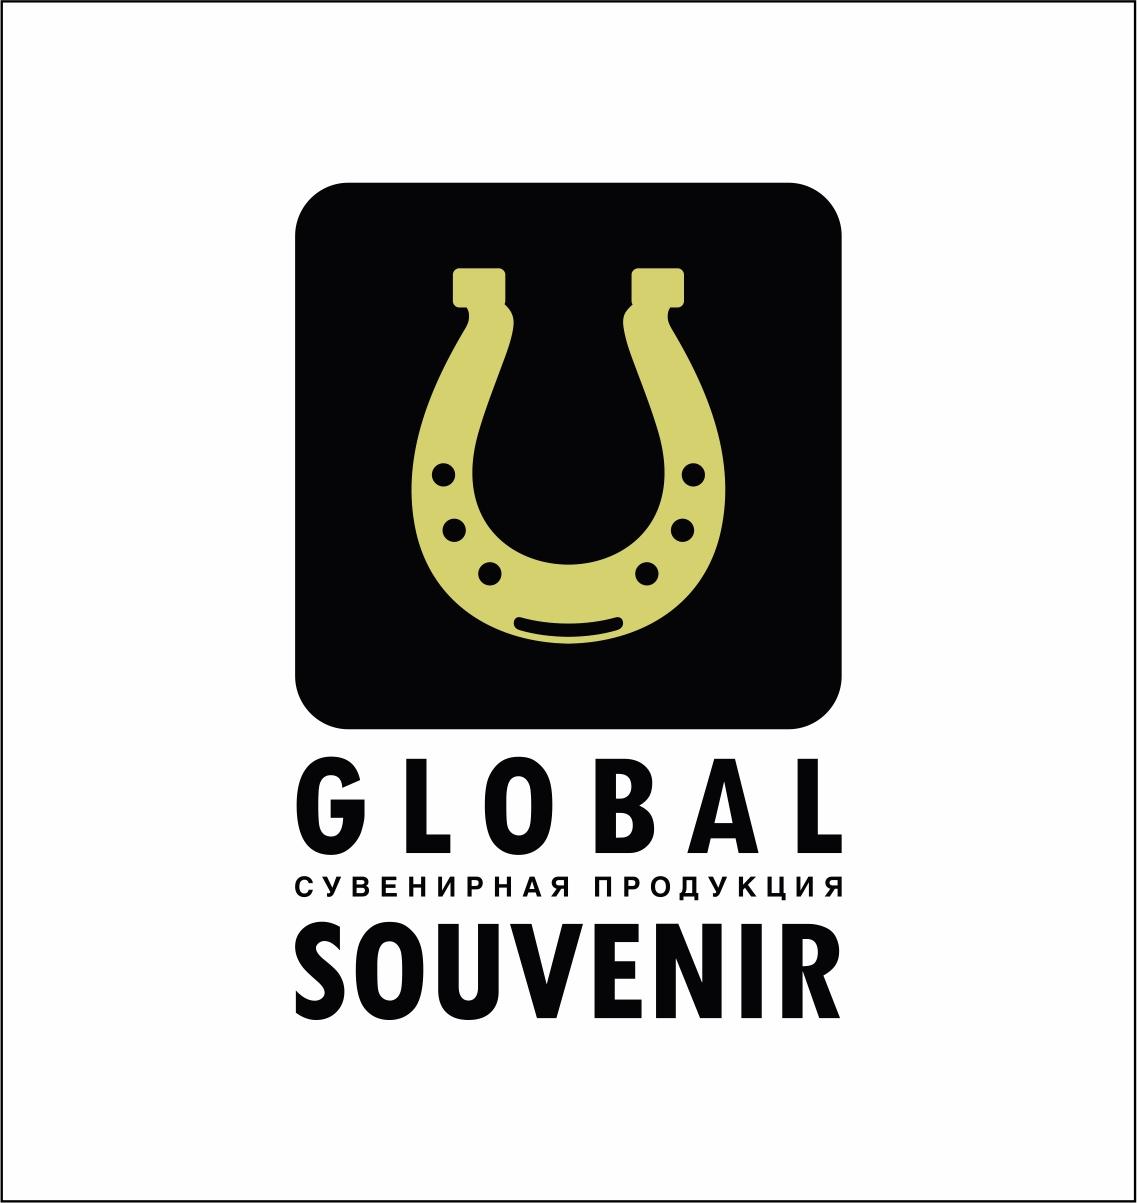 Global Souvenir